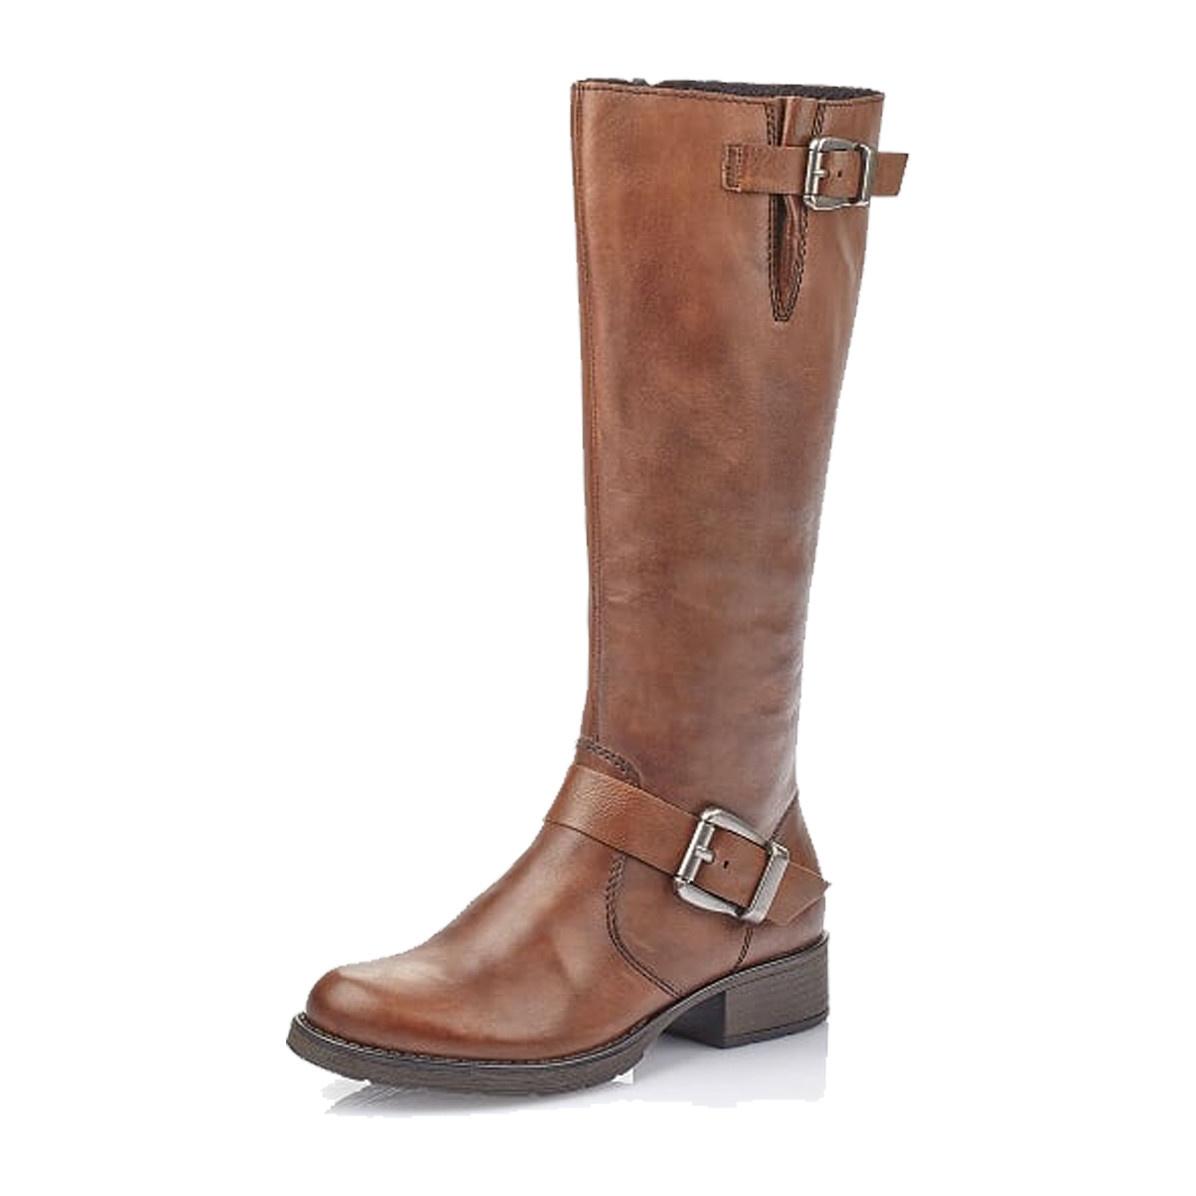 Schuhwerk spätester Verkauf akzeptabler Preis Rieker Rieker Women's Z9580-25 Tall Boot Brown